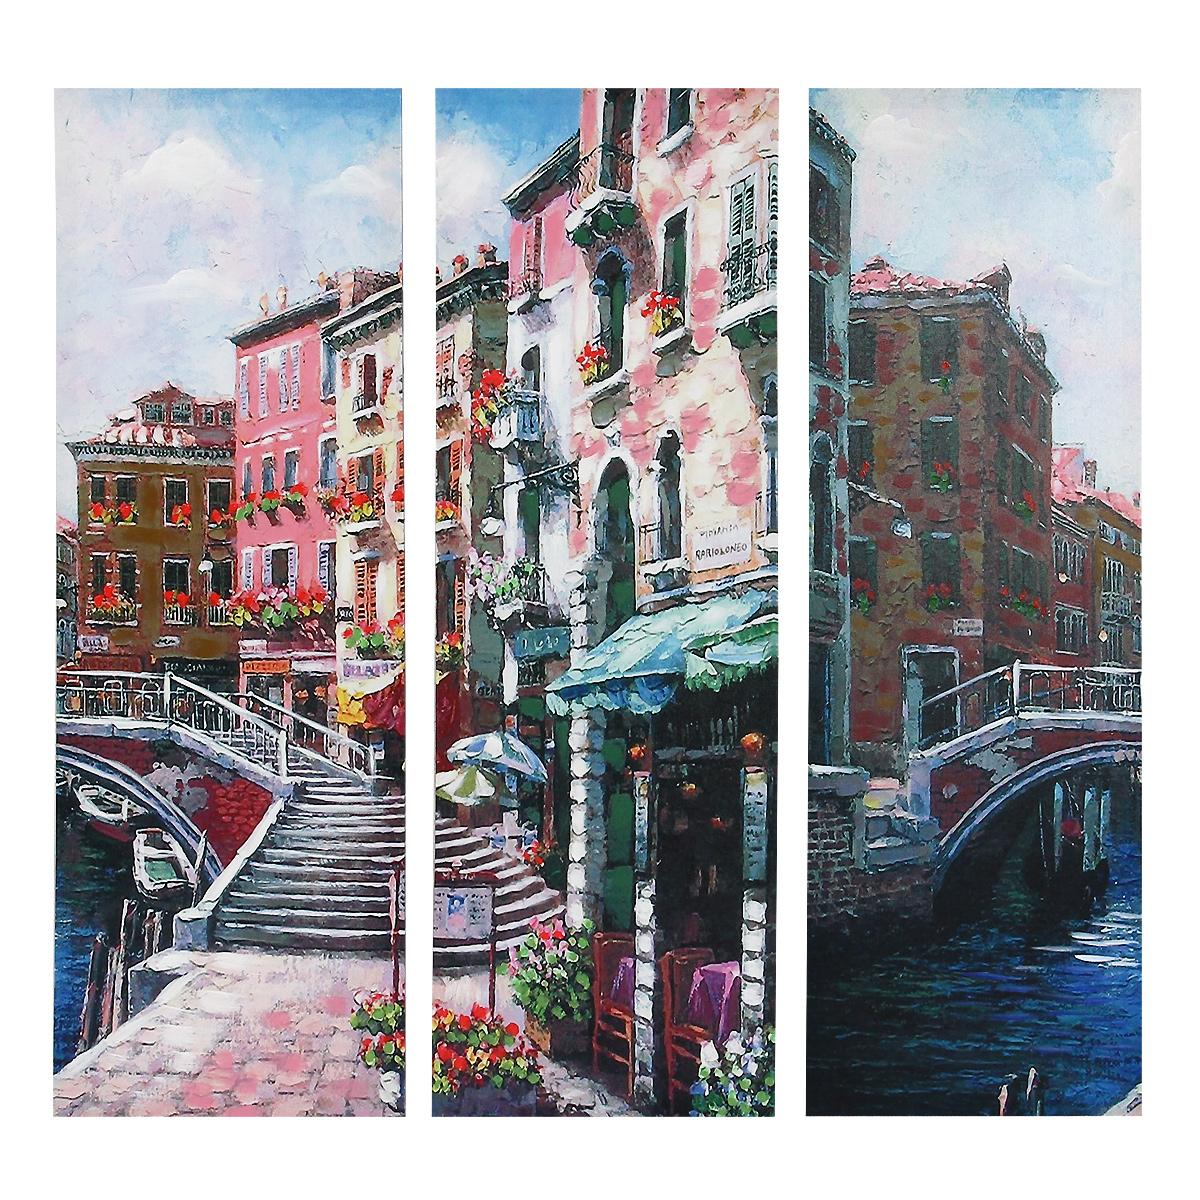 Картина-репродукция без рамки Городской пейзаж, 78 х 80 х 2,5 см 3602625x40 OZ160-50601Картина-репродукция без рамки Городской пейзаж выполнена из натуральной древесины. Техника выполнения - масляная печать на холсте с ручной подрисовкой. Картина состоит из трех частей с красочным изображением улочек города. Такая картина - вдохновляющее декоративное решение, привносящее в интерьер нотки творчества и изысканности! Благодаря оригинальному дизайну картина дополнит интерьер любого помещения, а также сможет стать изысканным подарком для ваших друзей и близких.